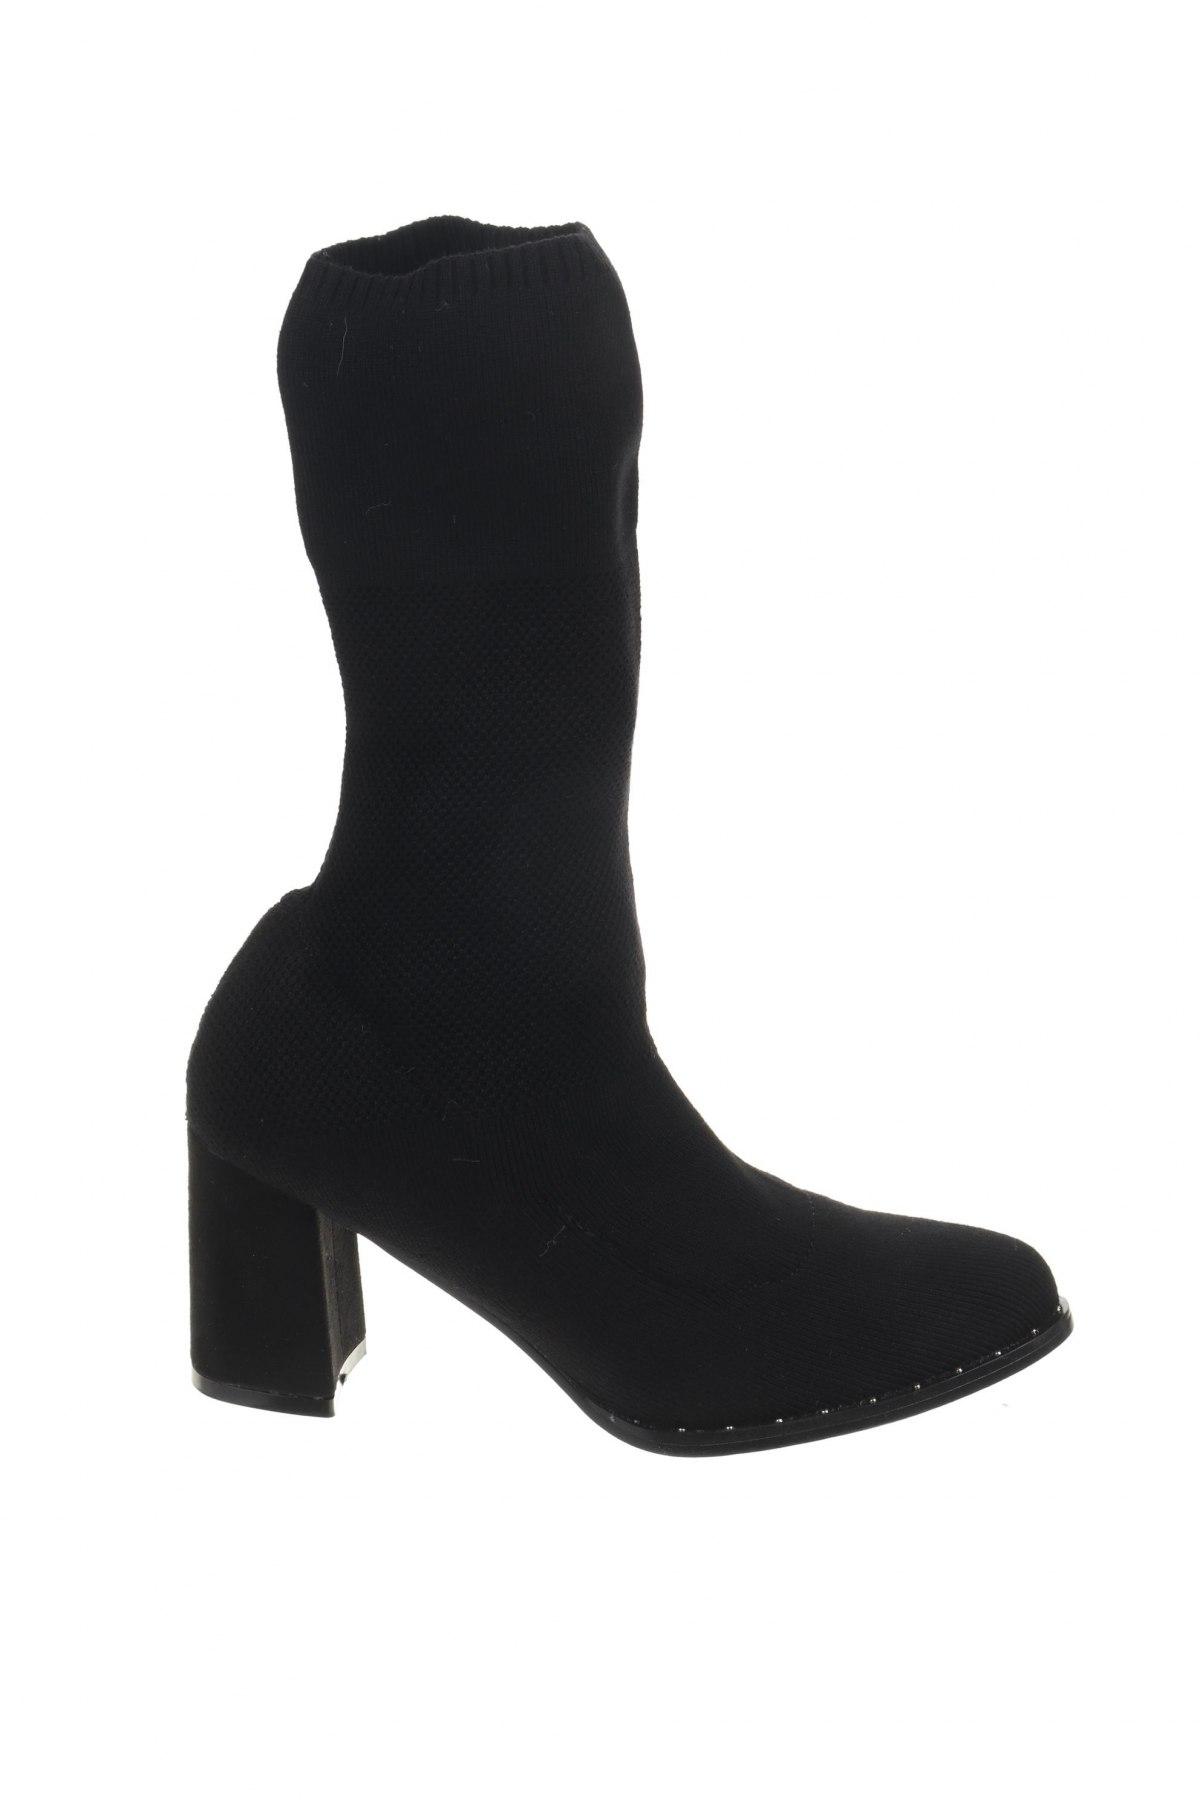 Дамски ботуши Coco Perla, Размер 38, Цвят Черен, Текстил, Цена 15,80лв.